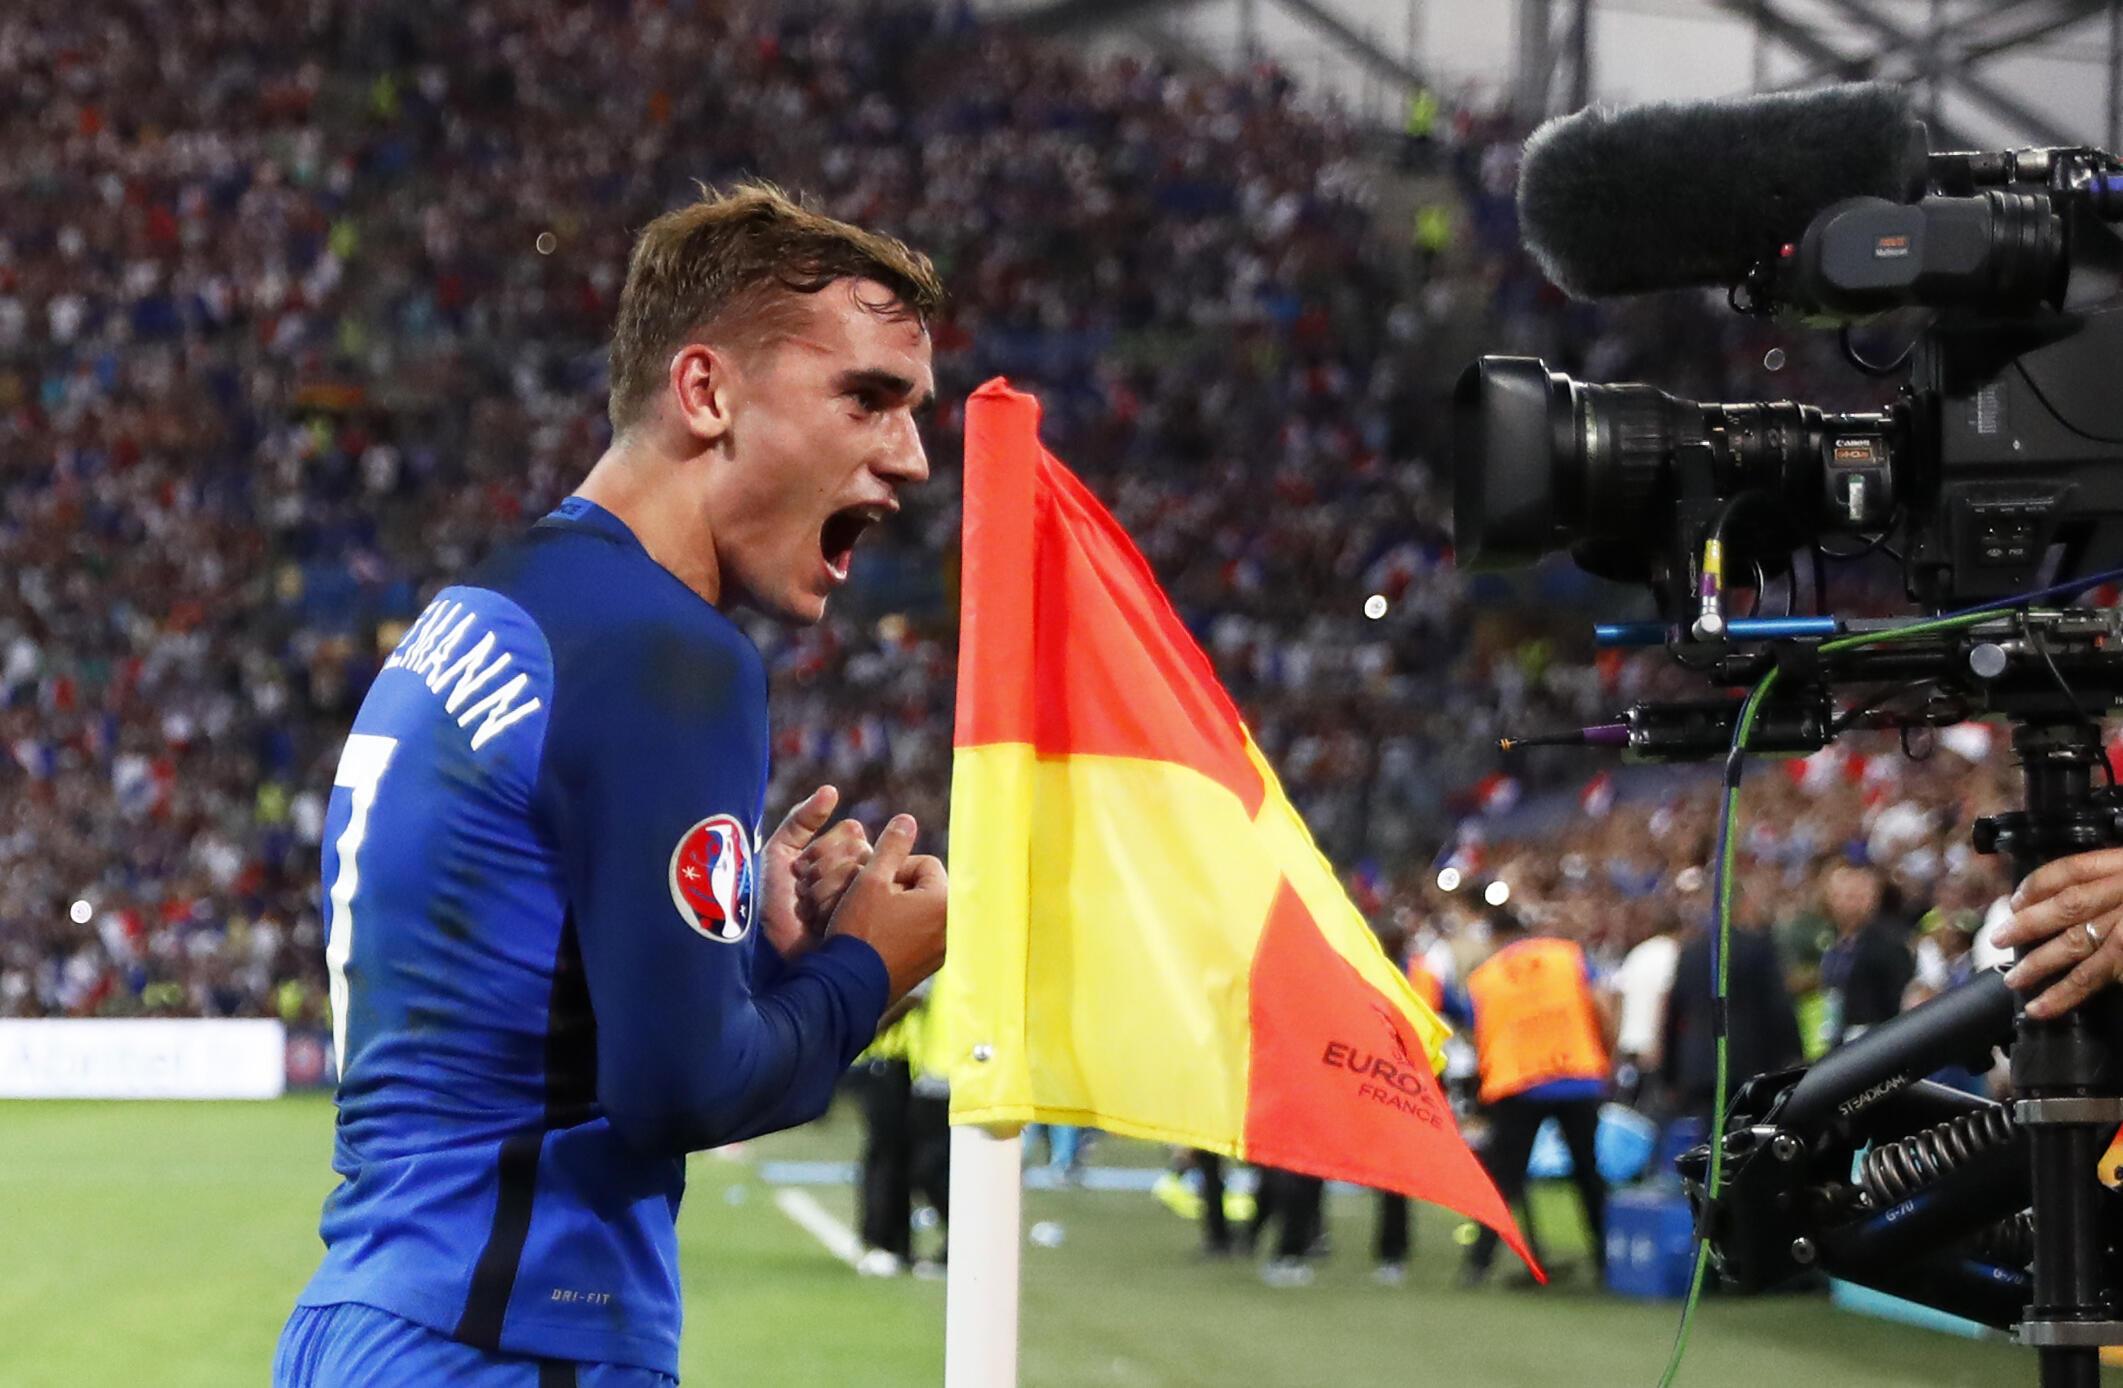 Французский футболист Антуан Гризманн в полуфинальном матче Евро-2016